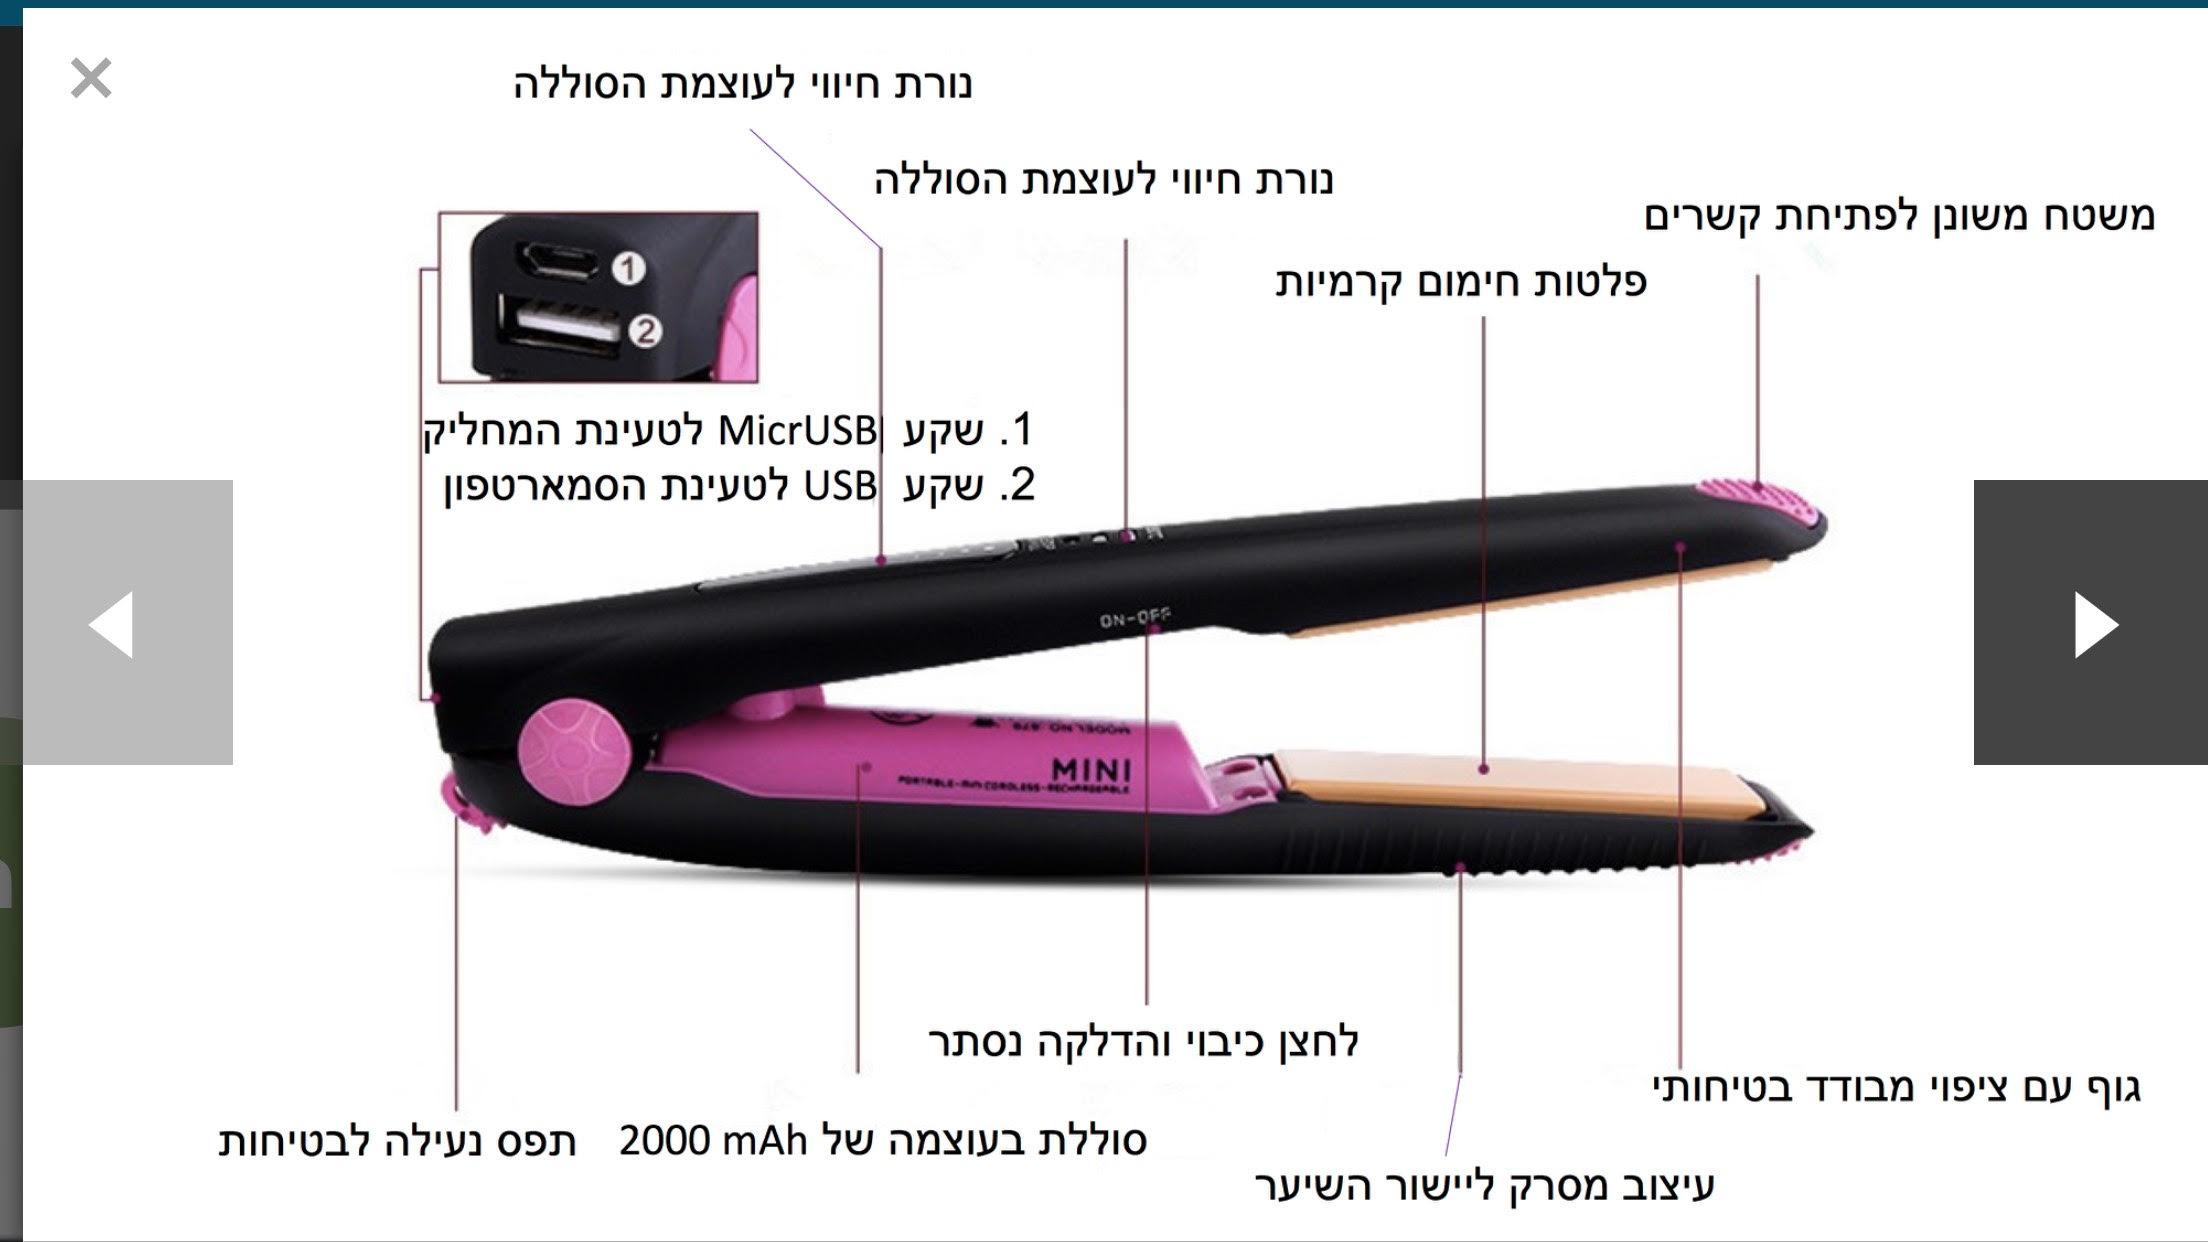 מחליק שיער אלחוטי, נטען וקומפקטי עם טעינת USB וסוללת חירום לסמארטפון - משלוח חינם - תמונה 7